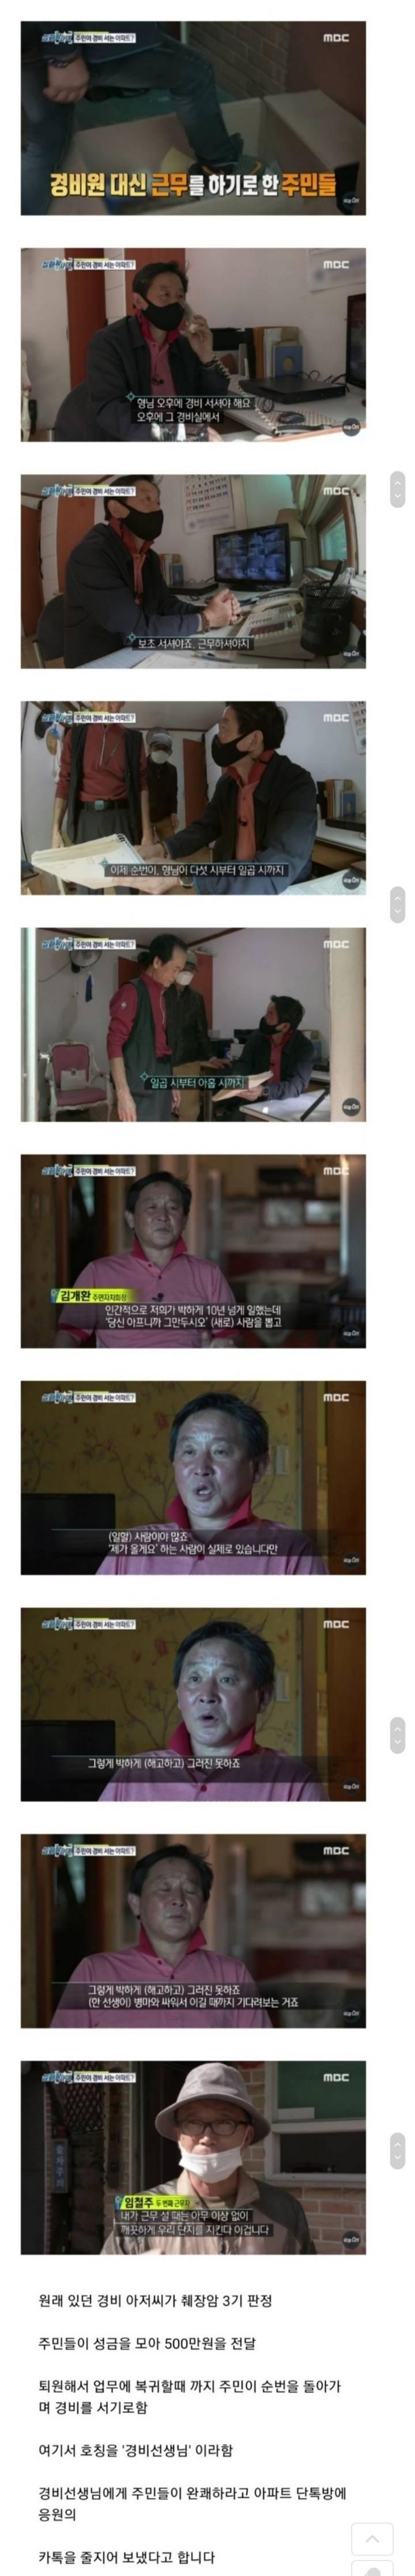 한국 최고의 명품 아파트 | 인스티즈